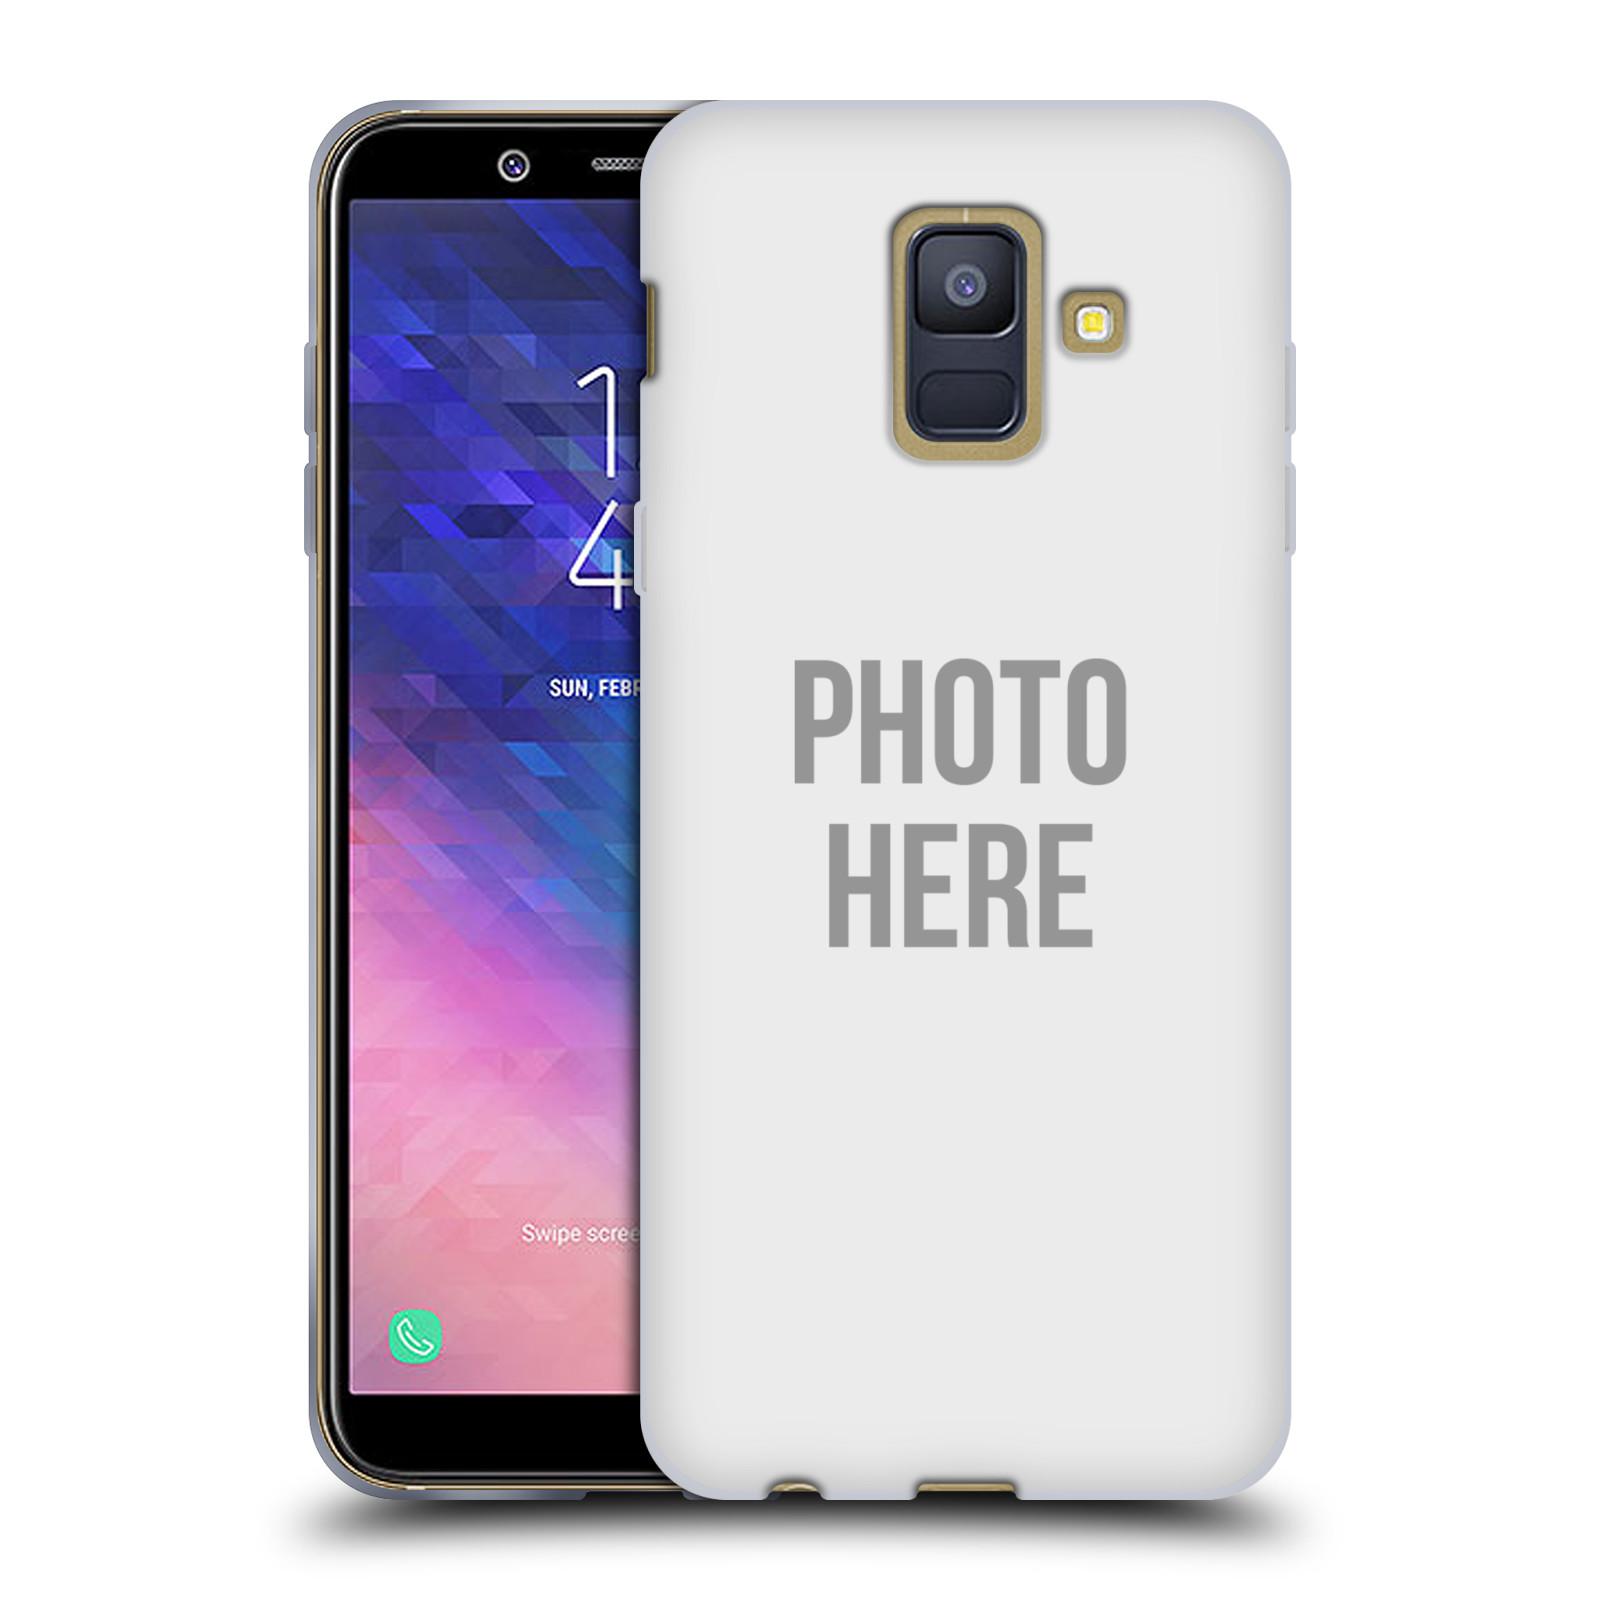 Silikonové pouzdro na mobil Samsung Galaxy A6 (2018) - Head Case - s vlastním motivem